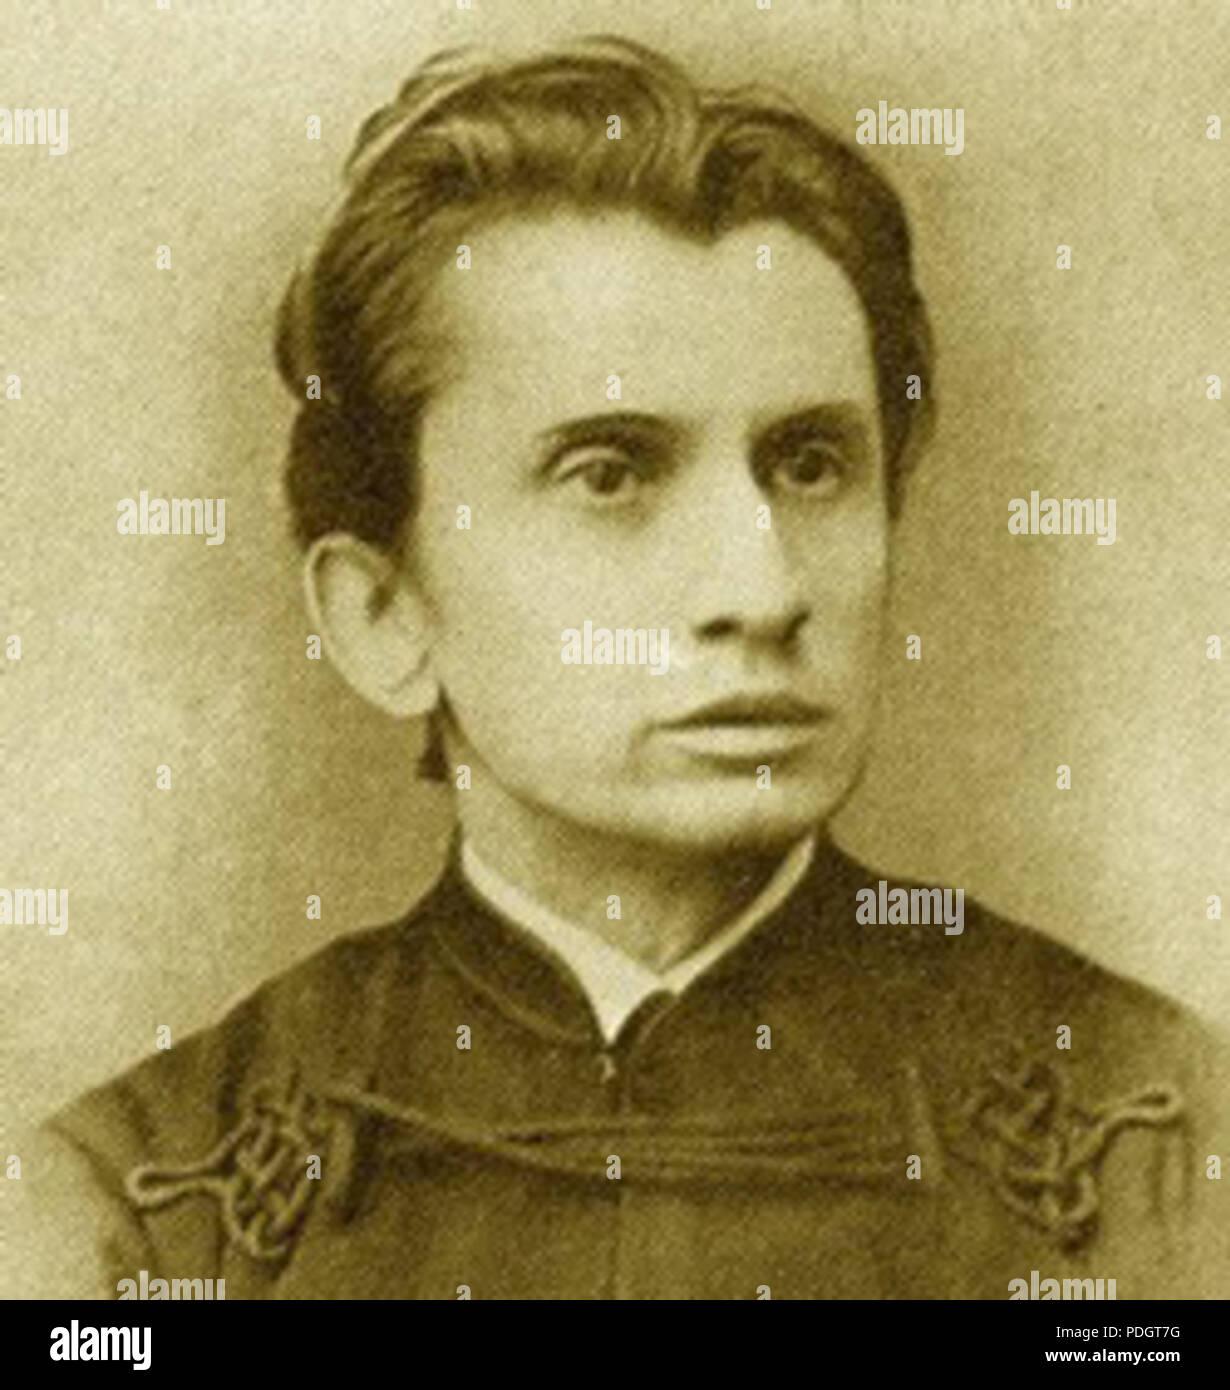 205 leopold von sacher masoch portrait 5 stock photo 214885204 alamy rh alamy com